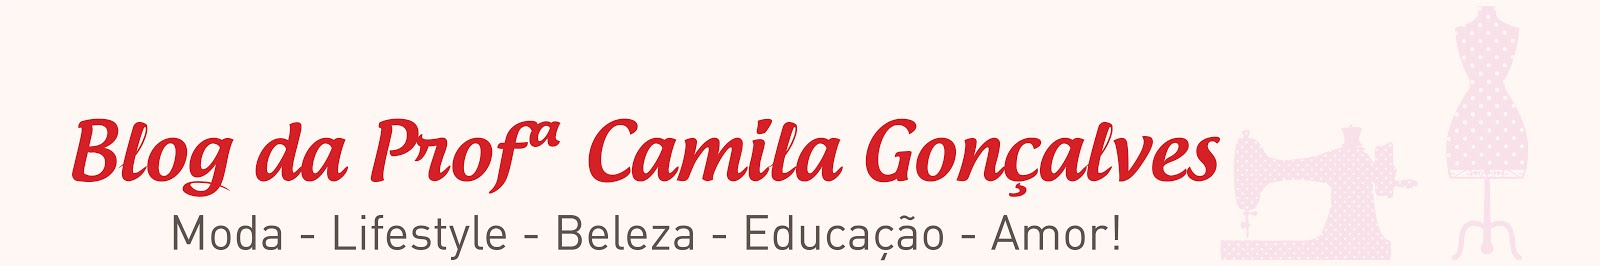 Blog da Profª Camila Gonçalves